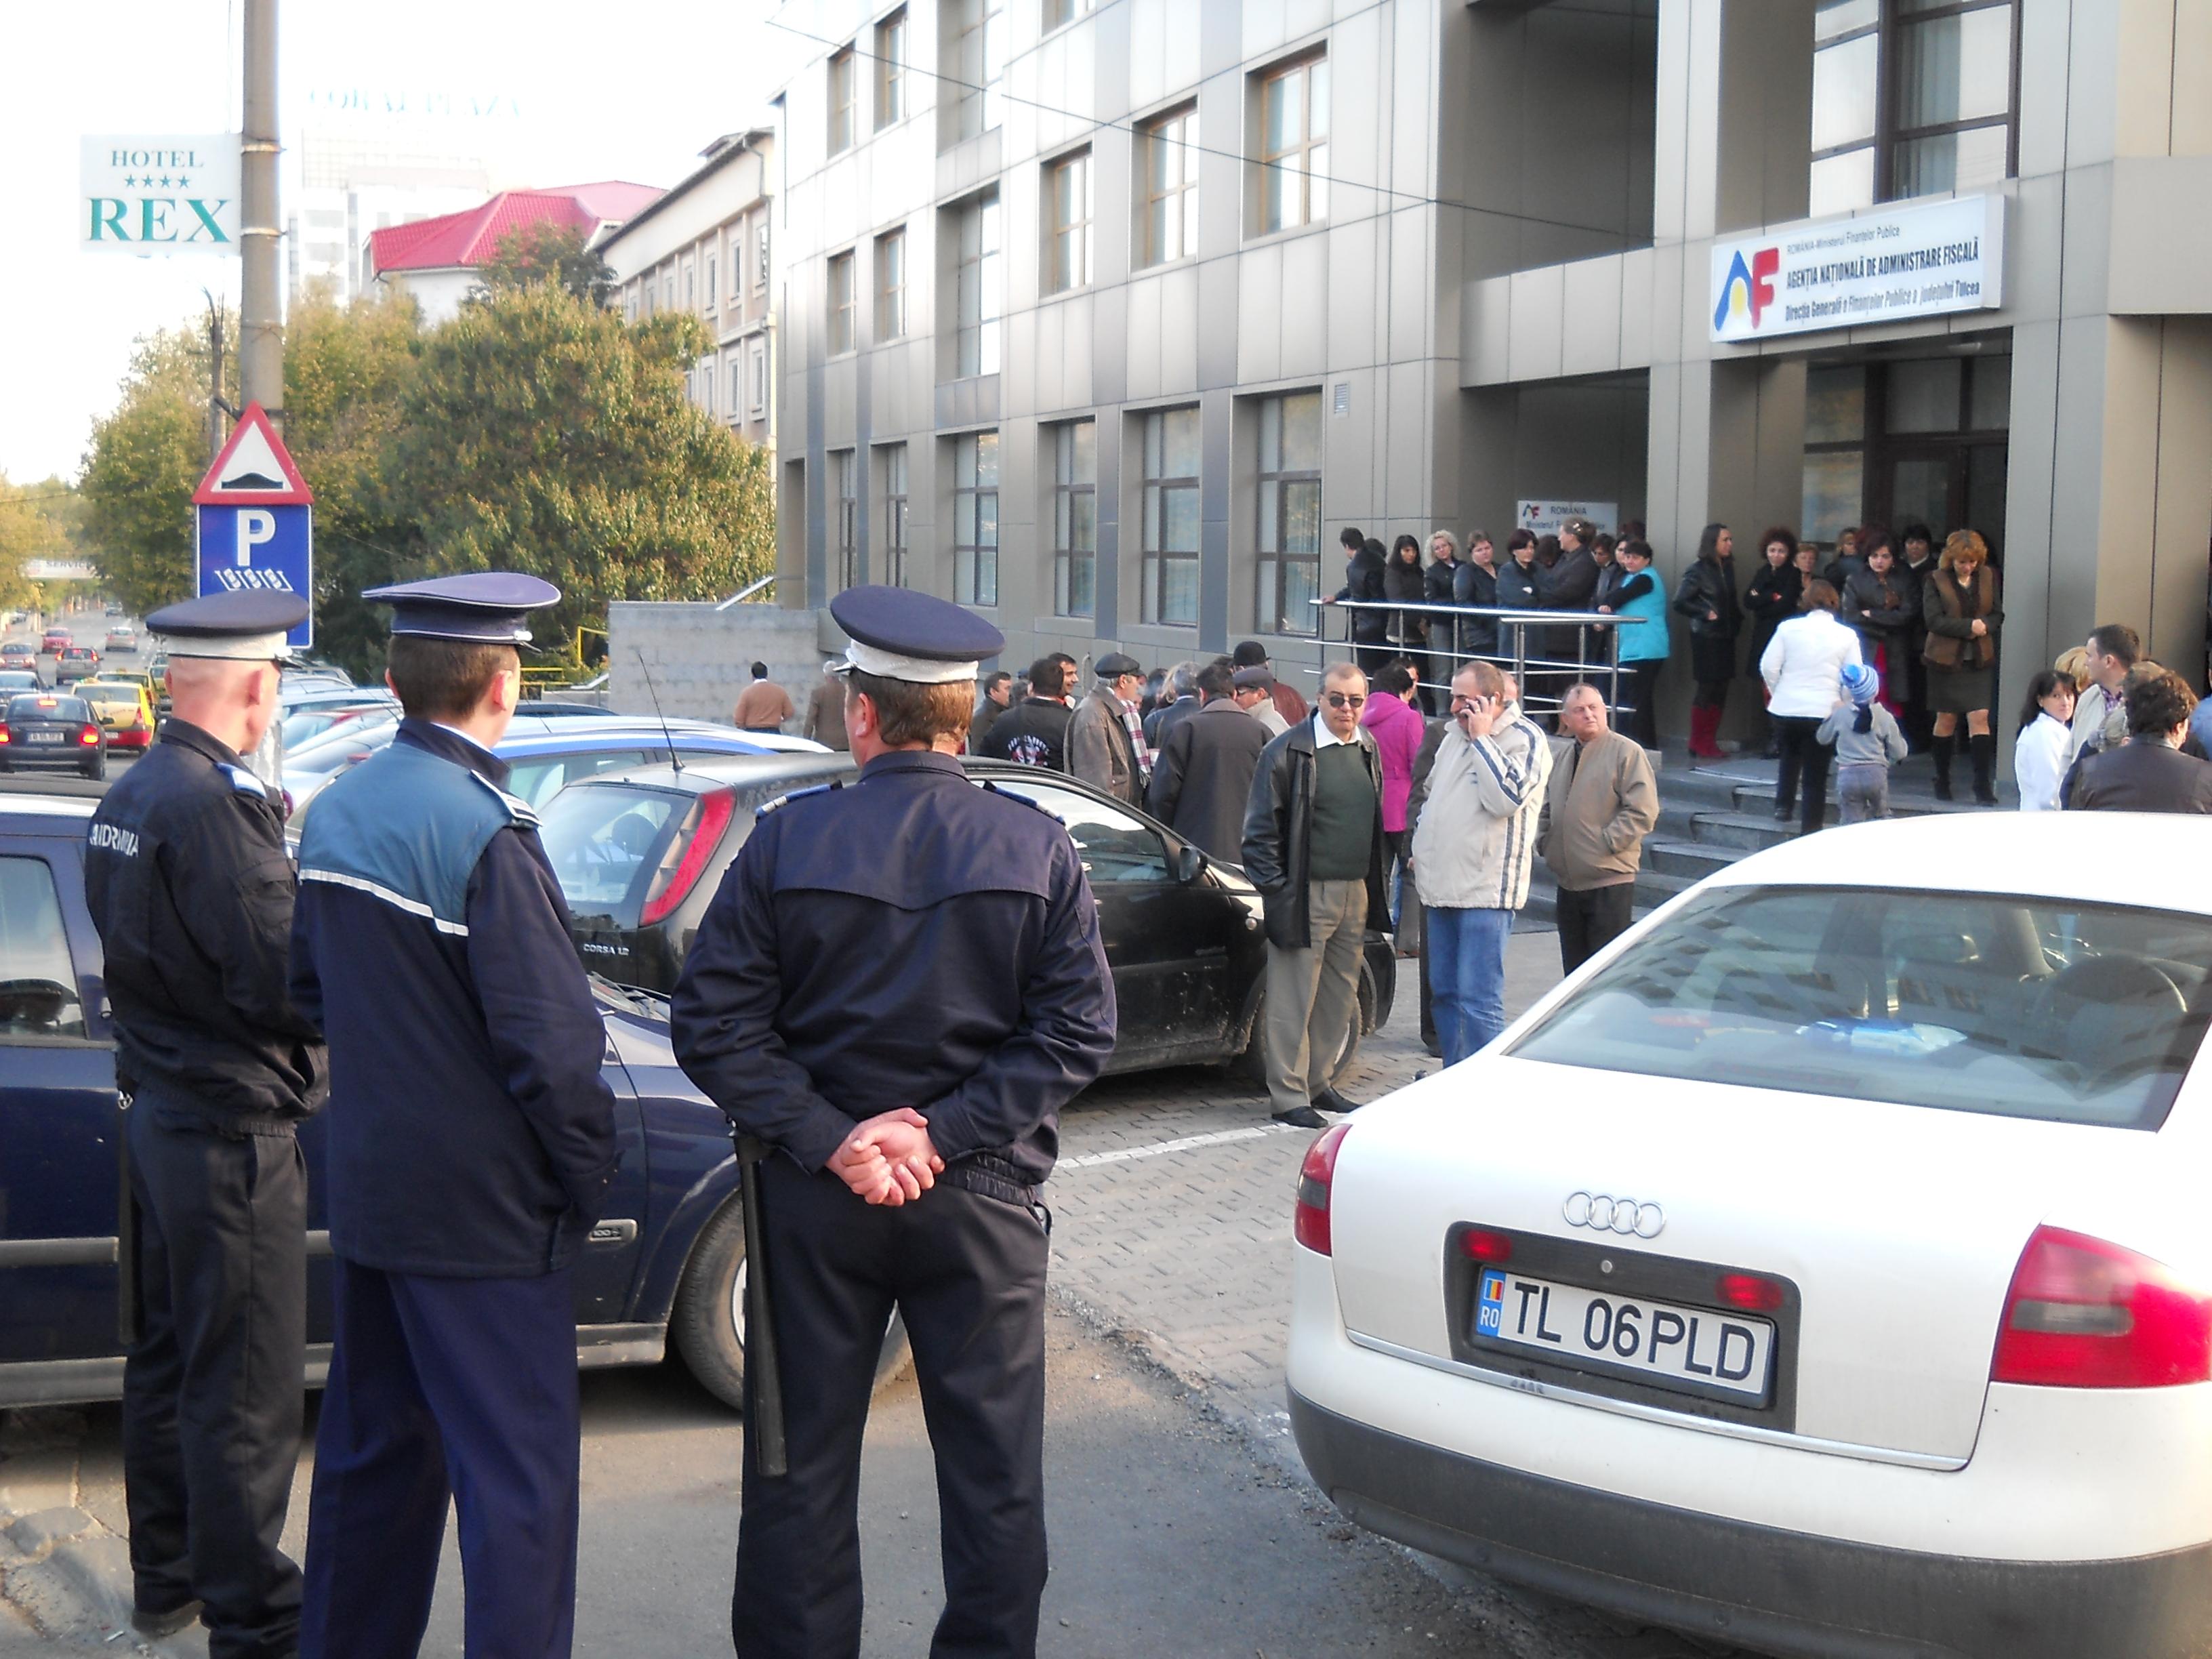 Angajaţii Finanţelor Publice Tulcea au protestat în faţa instituţiei